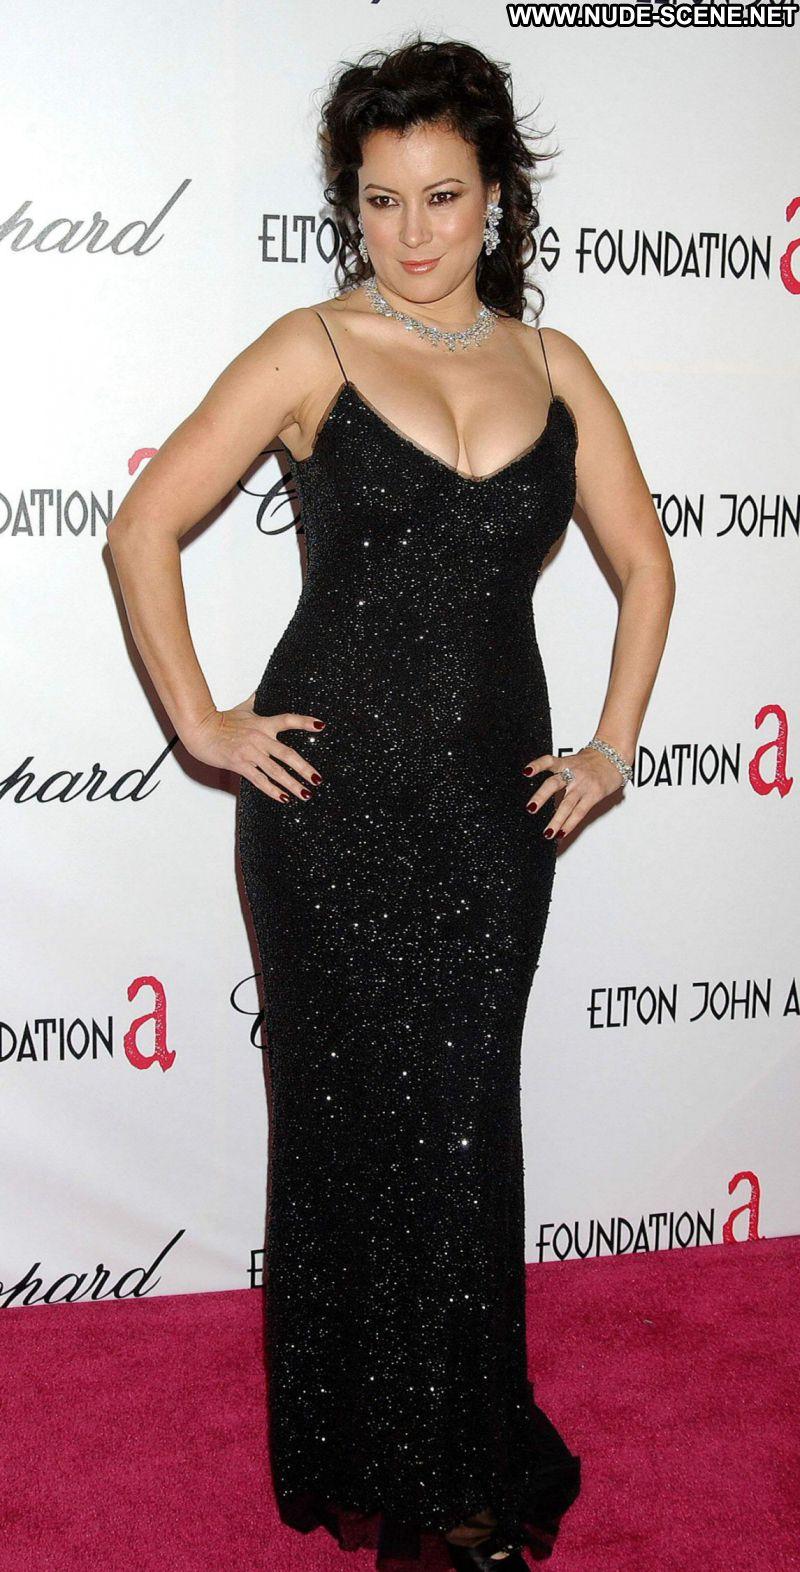 Jennifer Tilly No Source Celebrity Posing Hot Babe Big Tits Celebrity Nude Posing Hot Sexy Dress ...